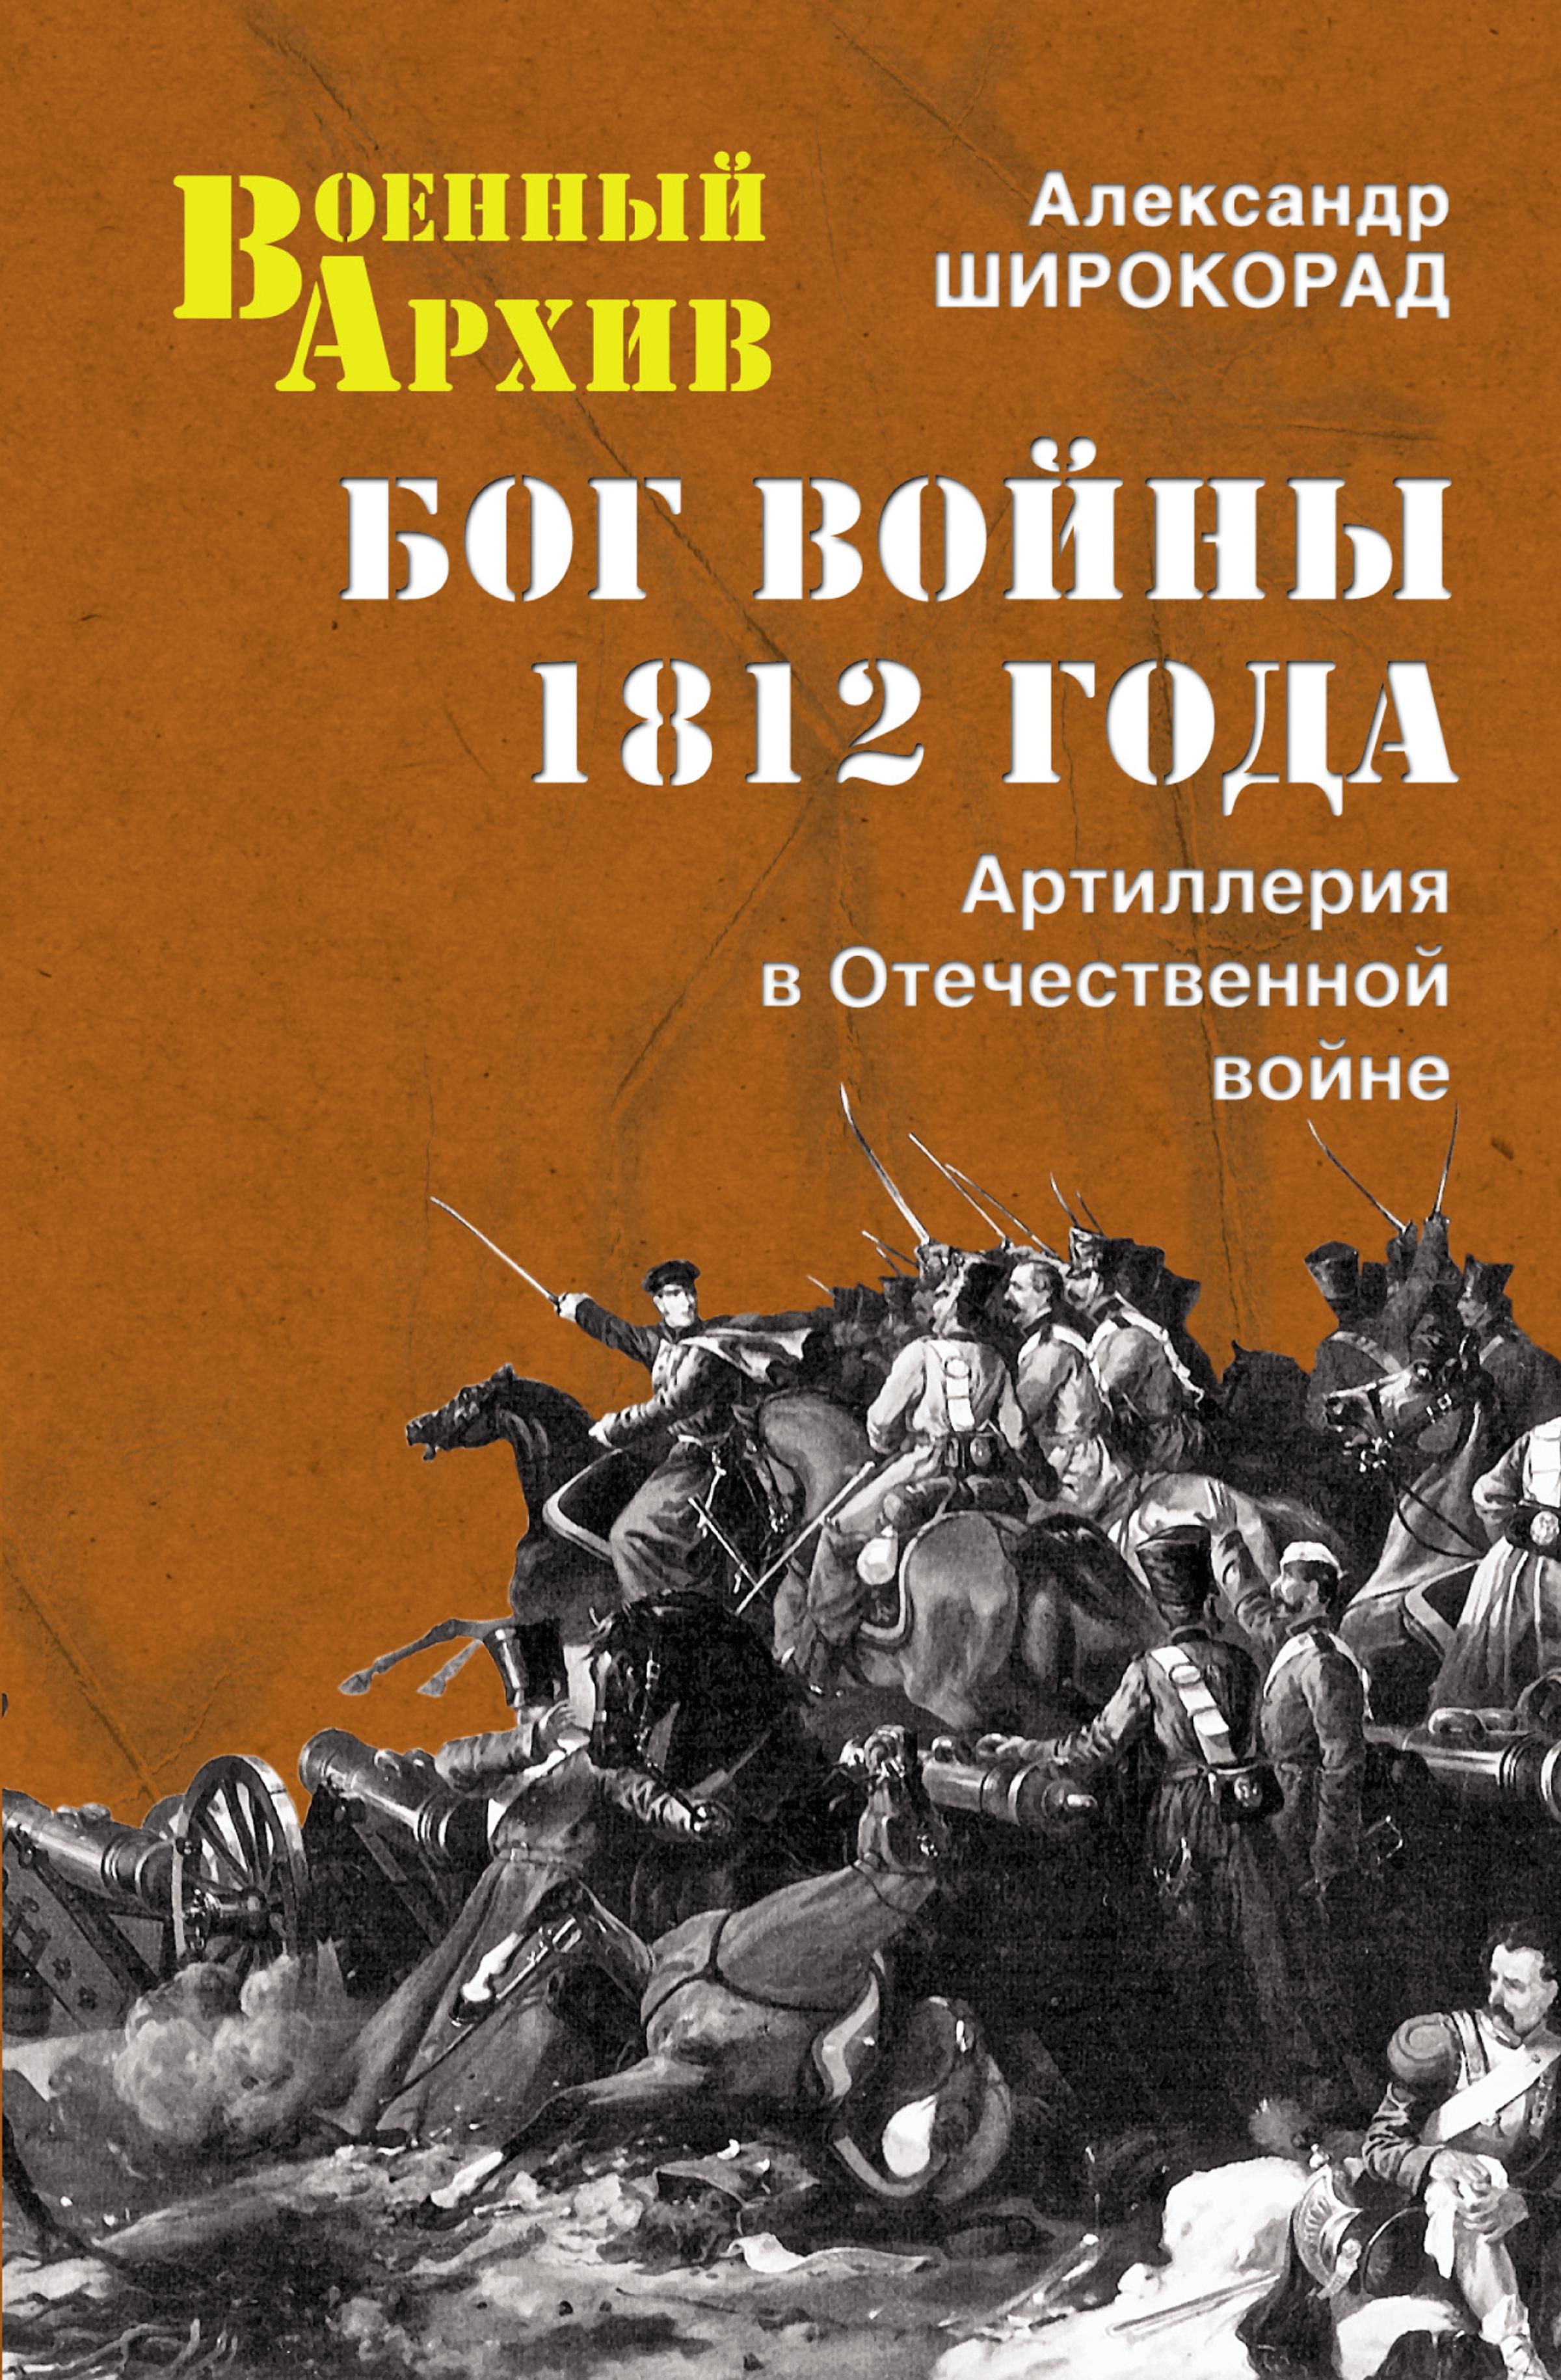 Александр Широкорад Бог войны 1812 года. Артиллерия в Отечественной войне герои 1812 год конная артиллерия и драгуны игрушка раскраска